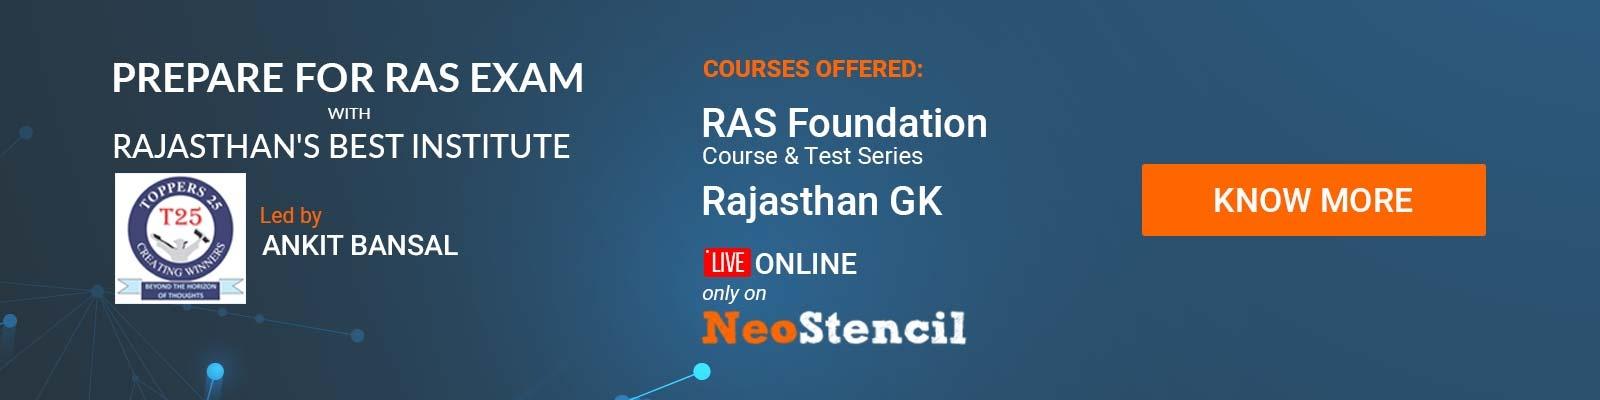 RAS Online Coaching RPSC Toppers25 Ankit Bansal